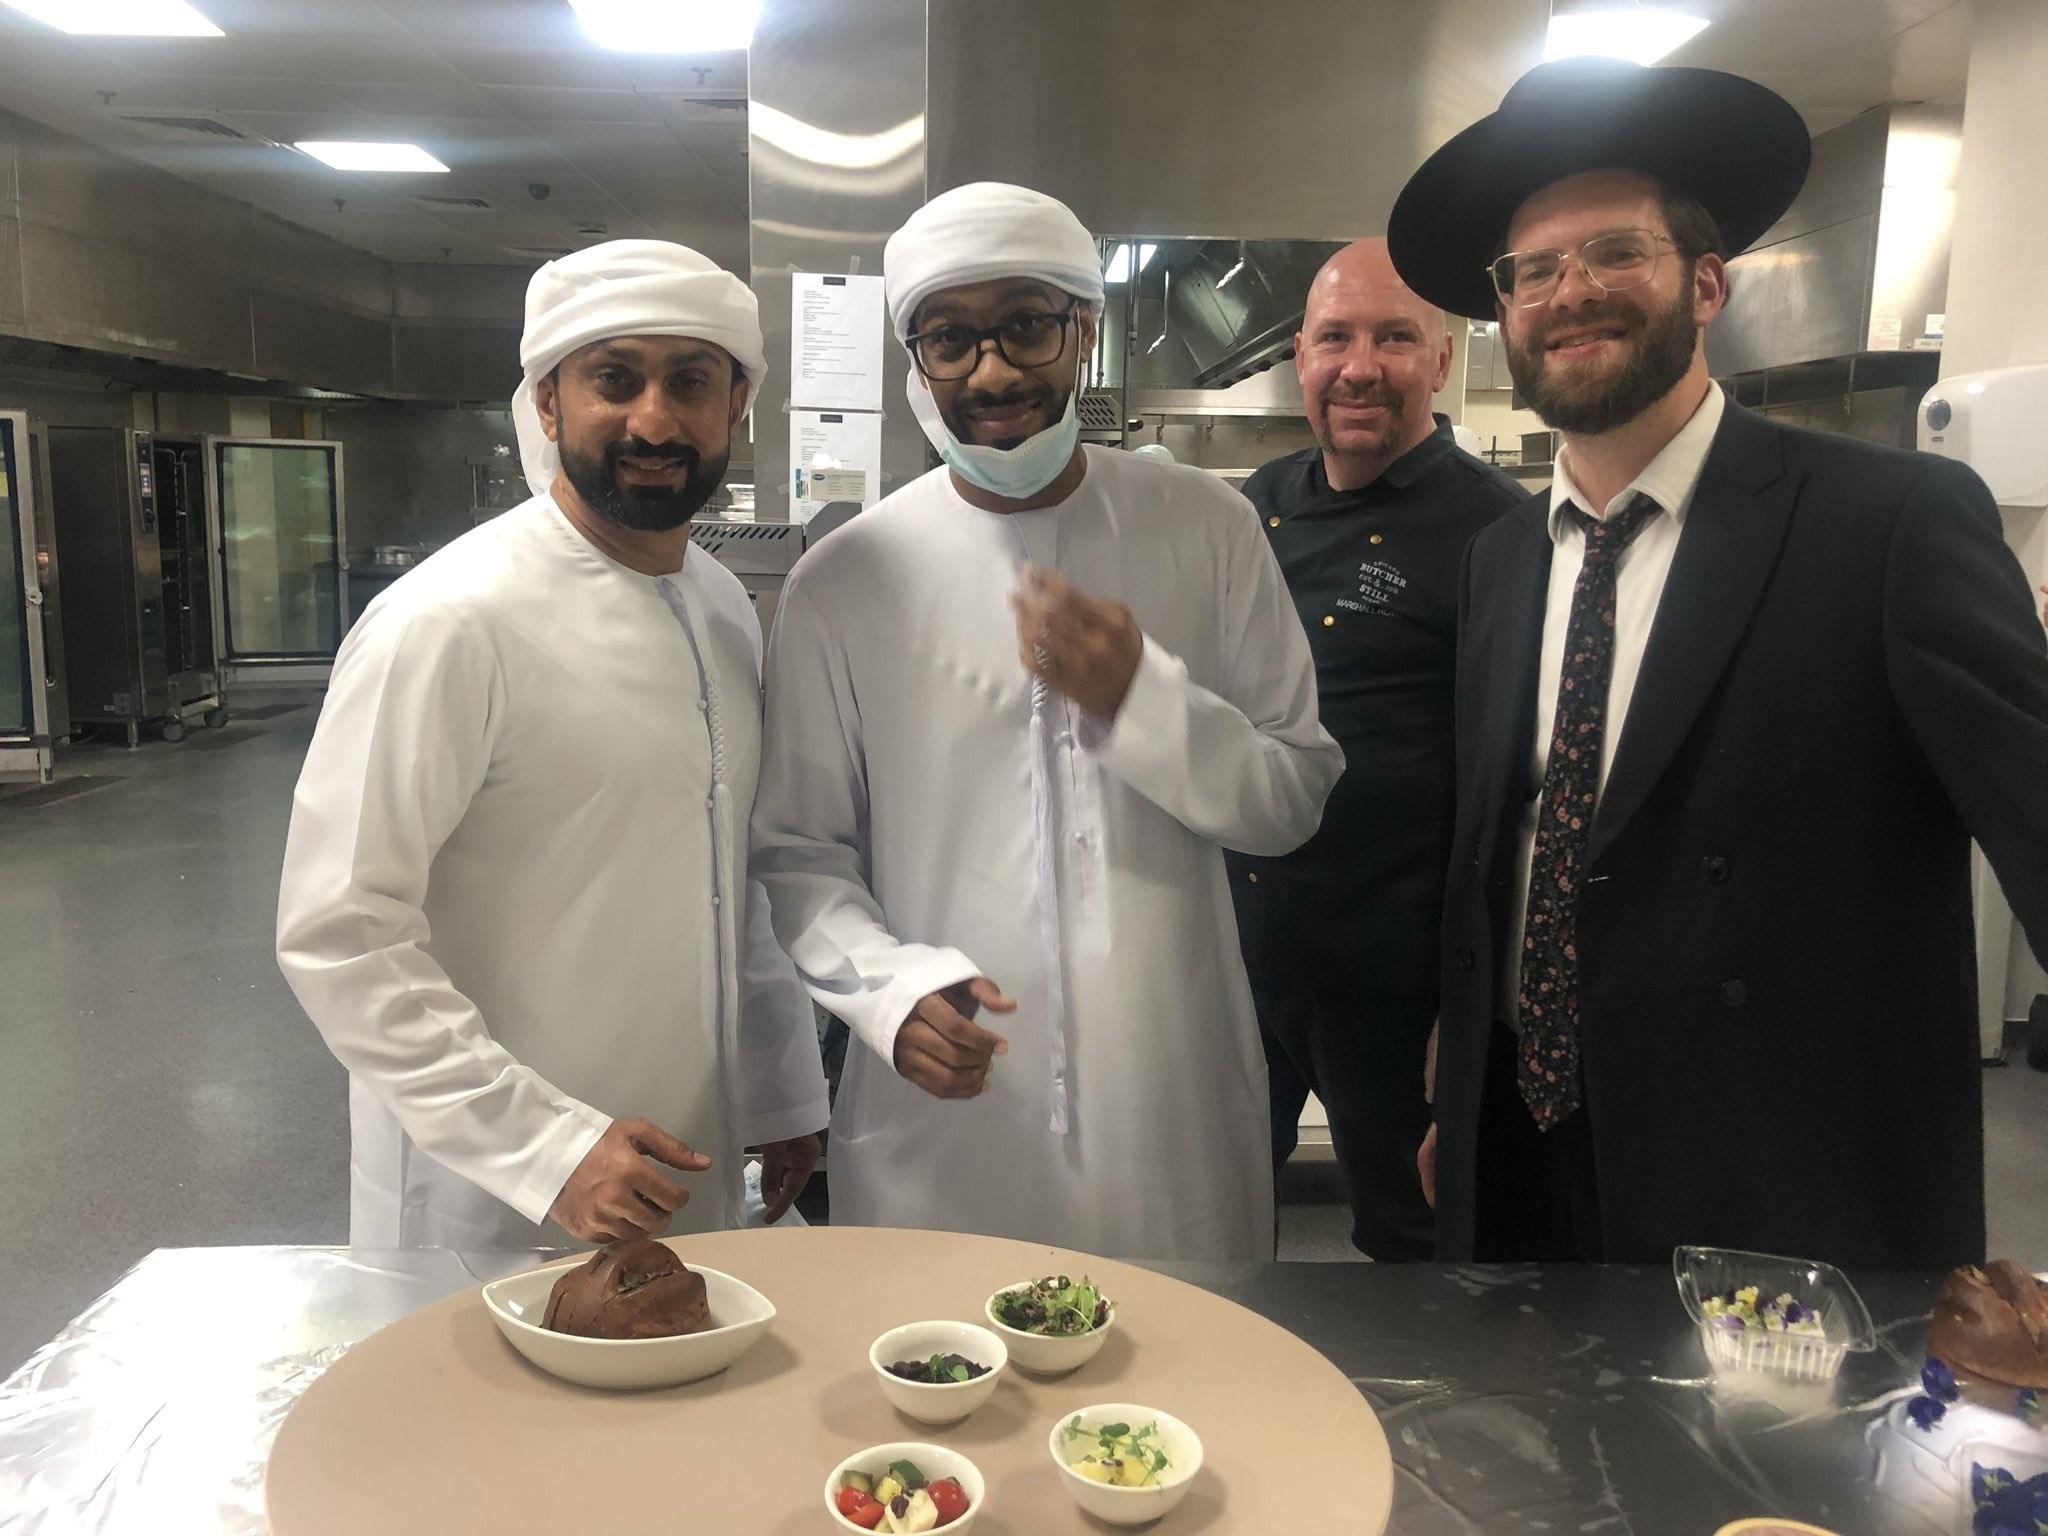 السياح الإسرائلييين يسرقون من فناق دبي مصابيح وتعاليق وأشياء أخرى